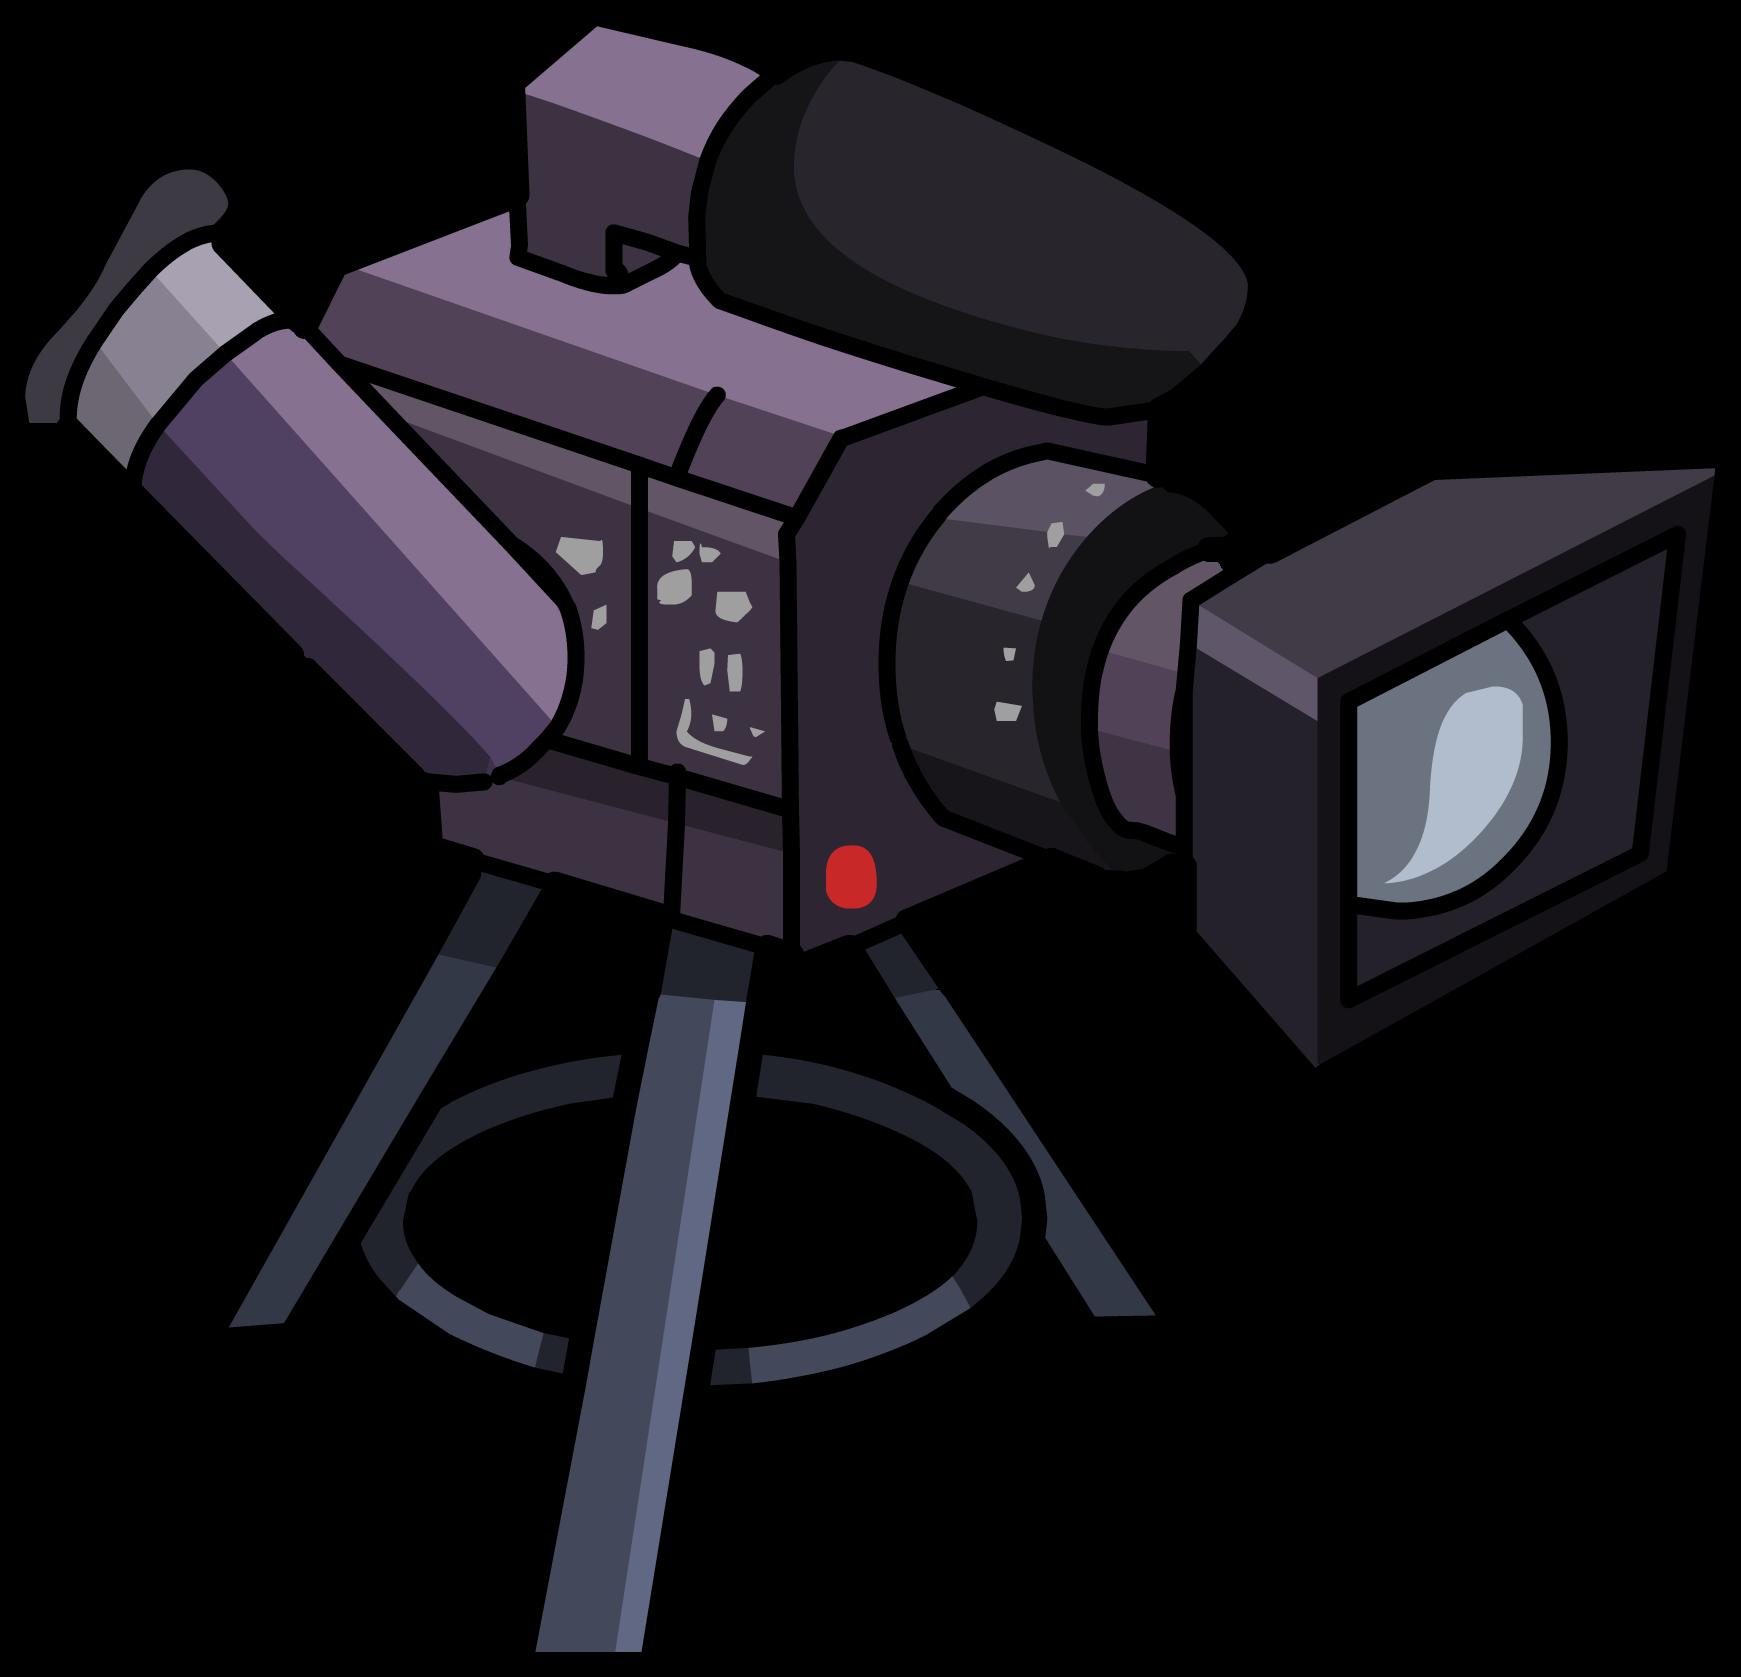 video camera  furniture  club penguin wiki fandom treasure clipart black and white treasure clip art free